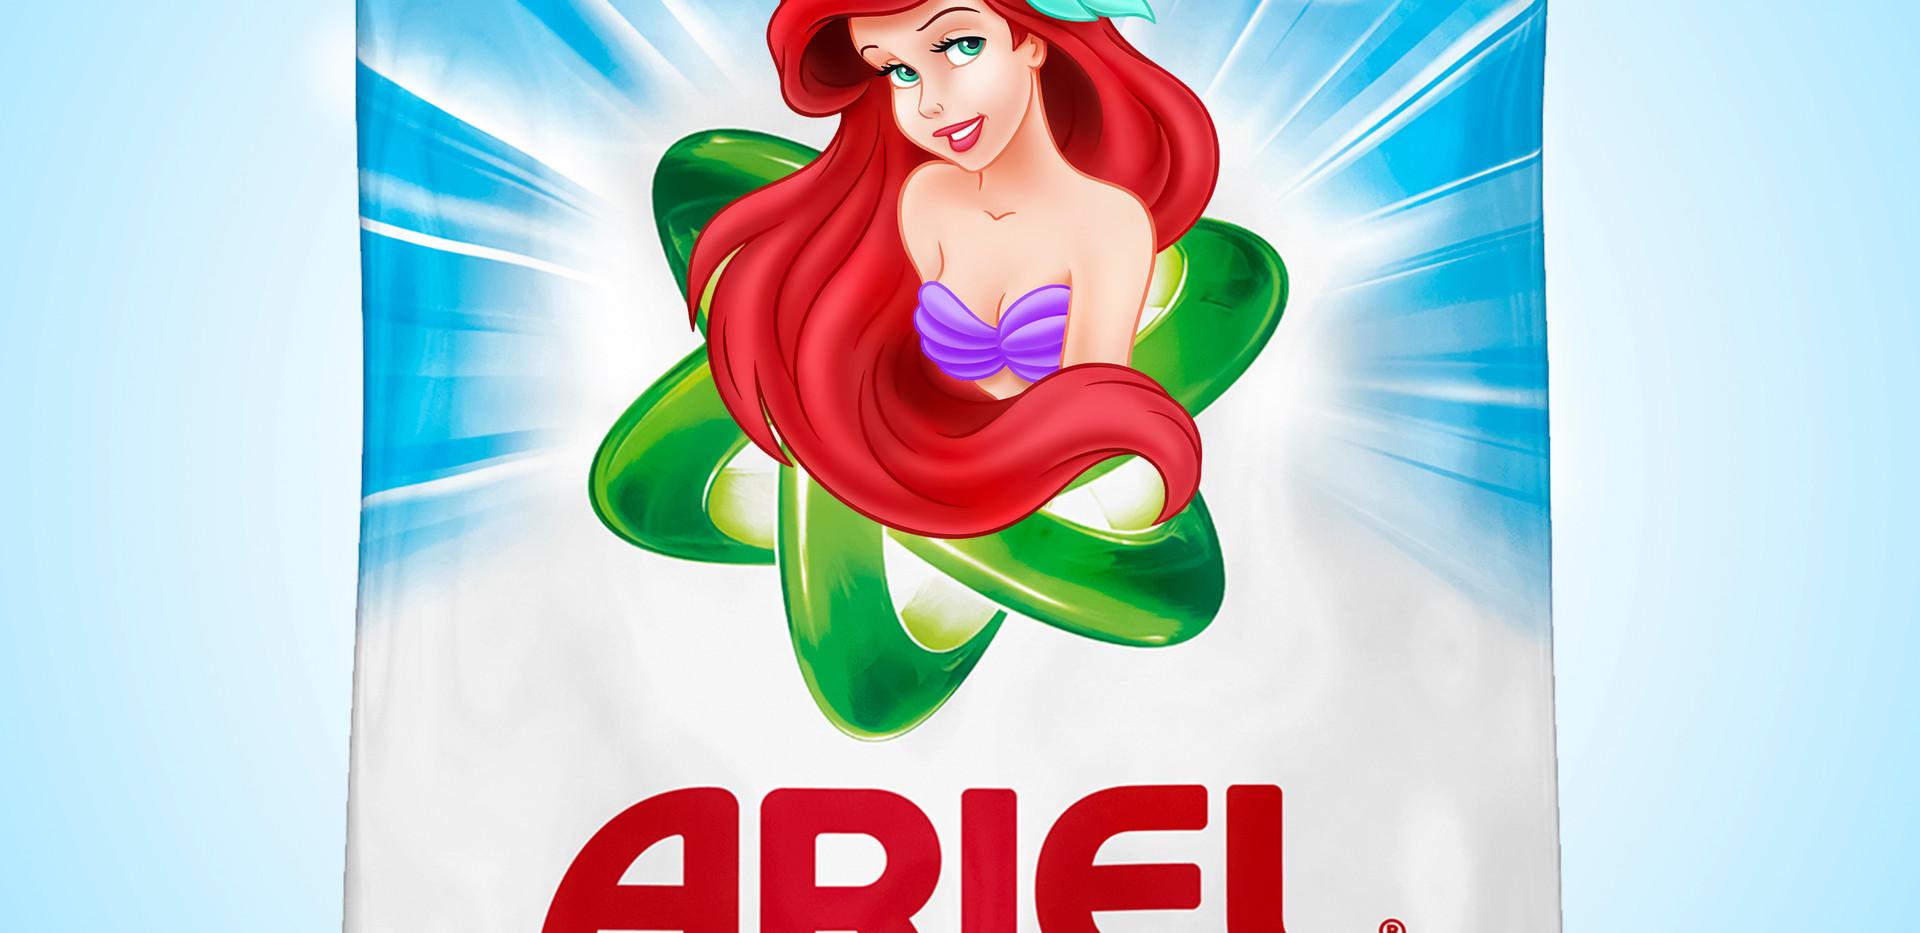 Ariel detergent.jpg